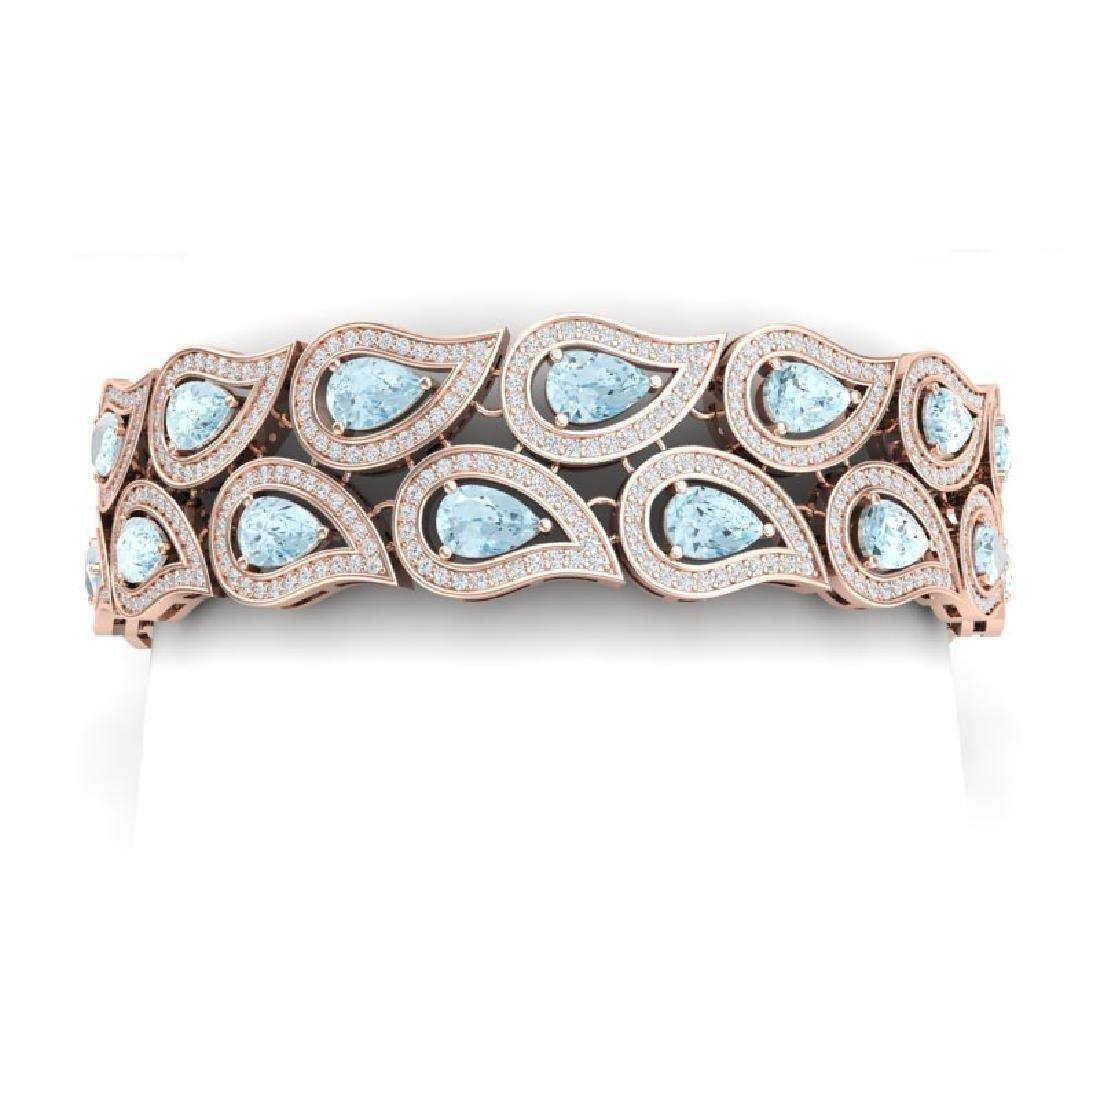 19.62 CTW Royalty Sky Topaz & VS Diamond Bracelet 18K